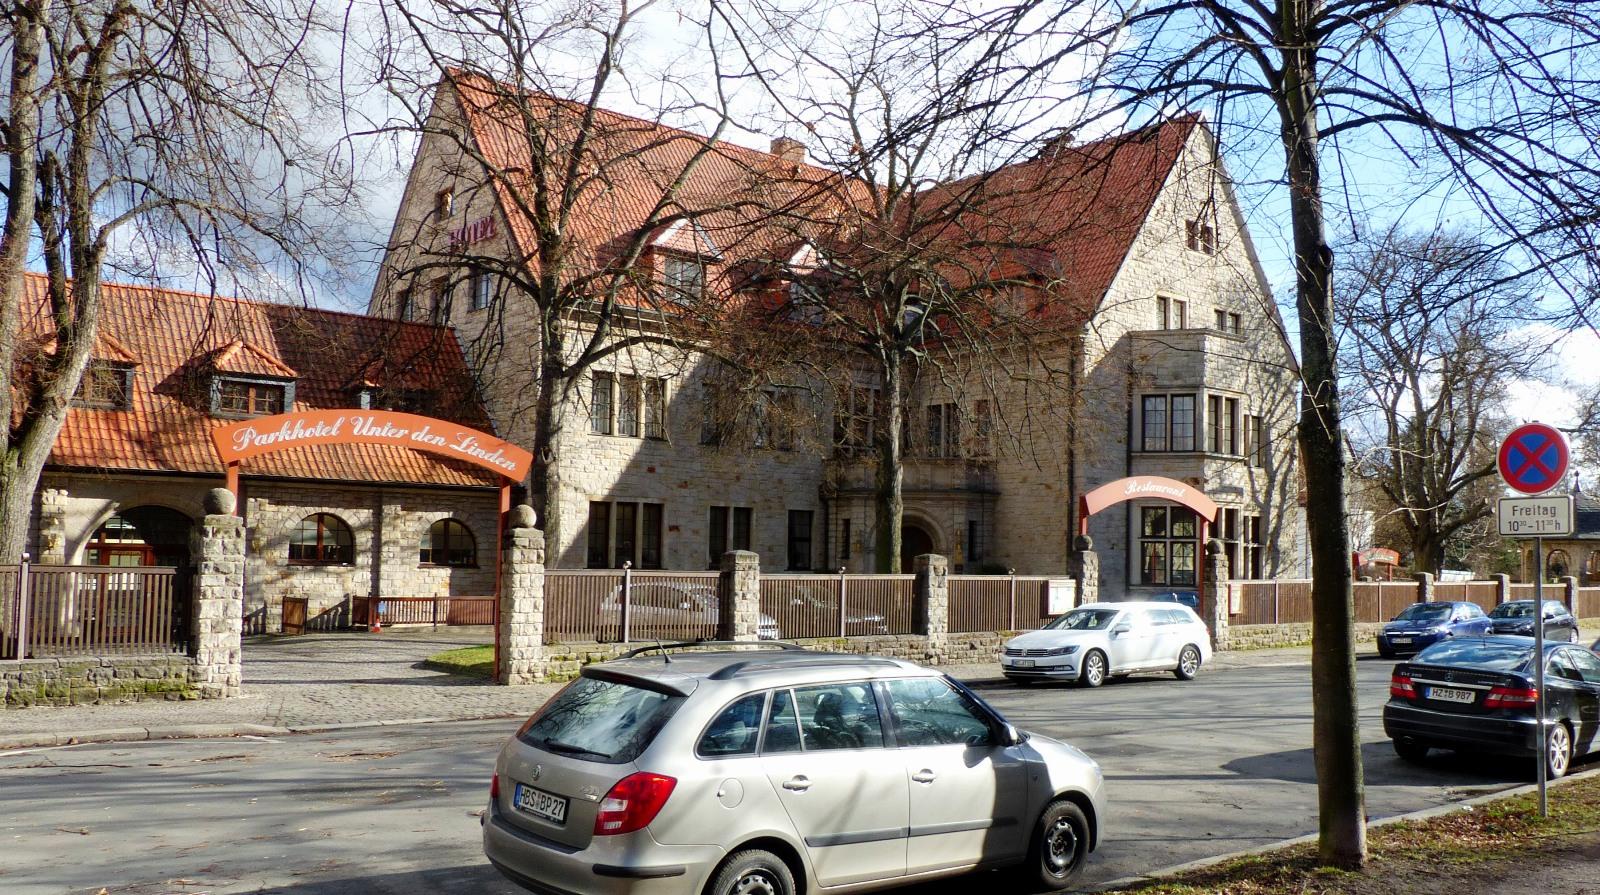 Parkhotel-UNTERdenLINDEN-Halberstadt